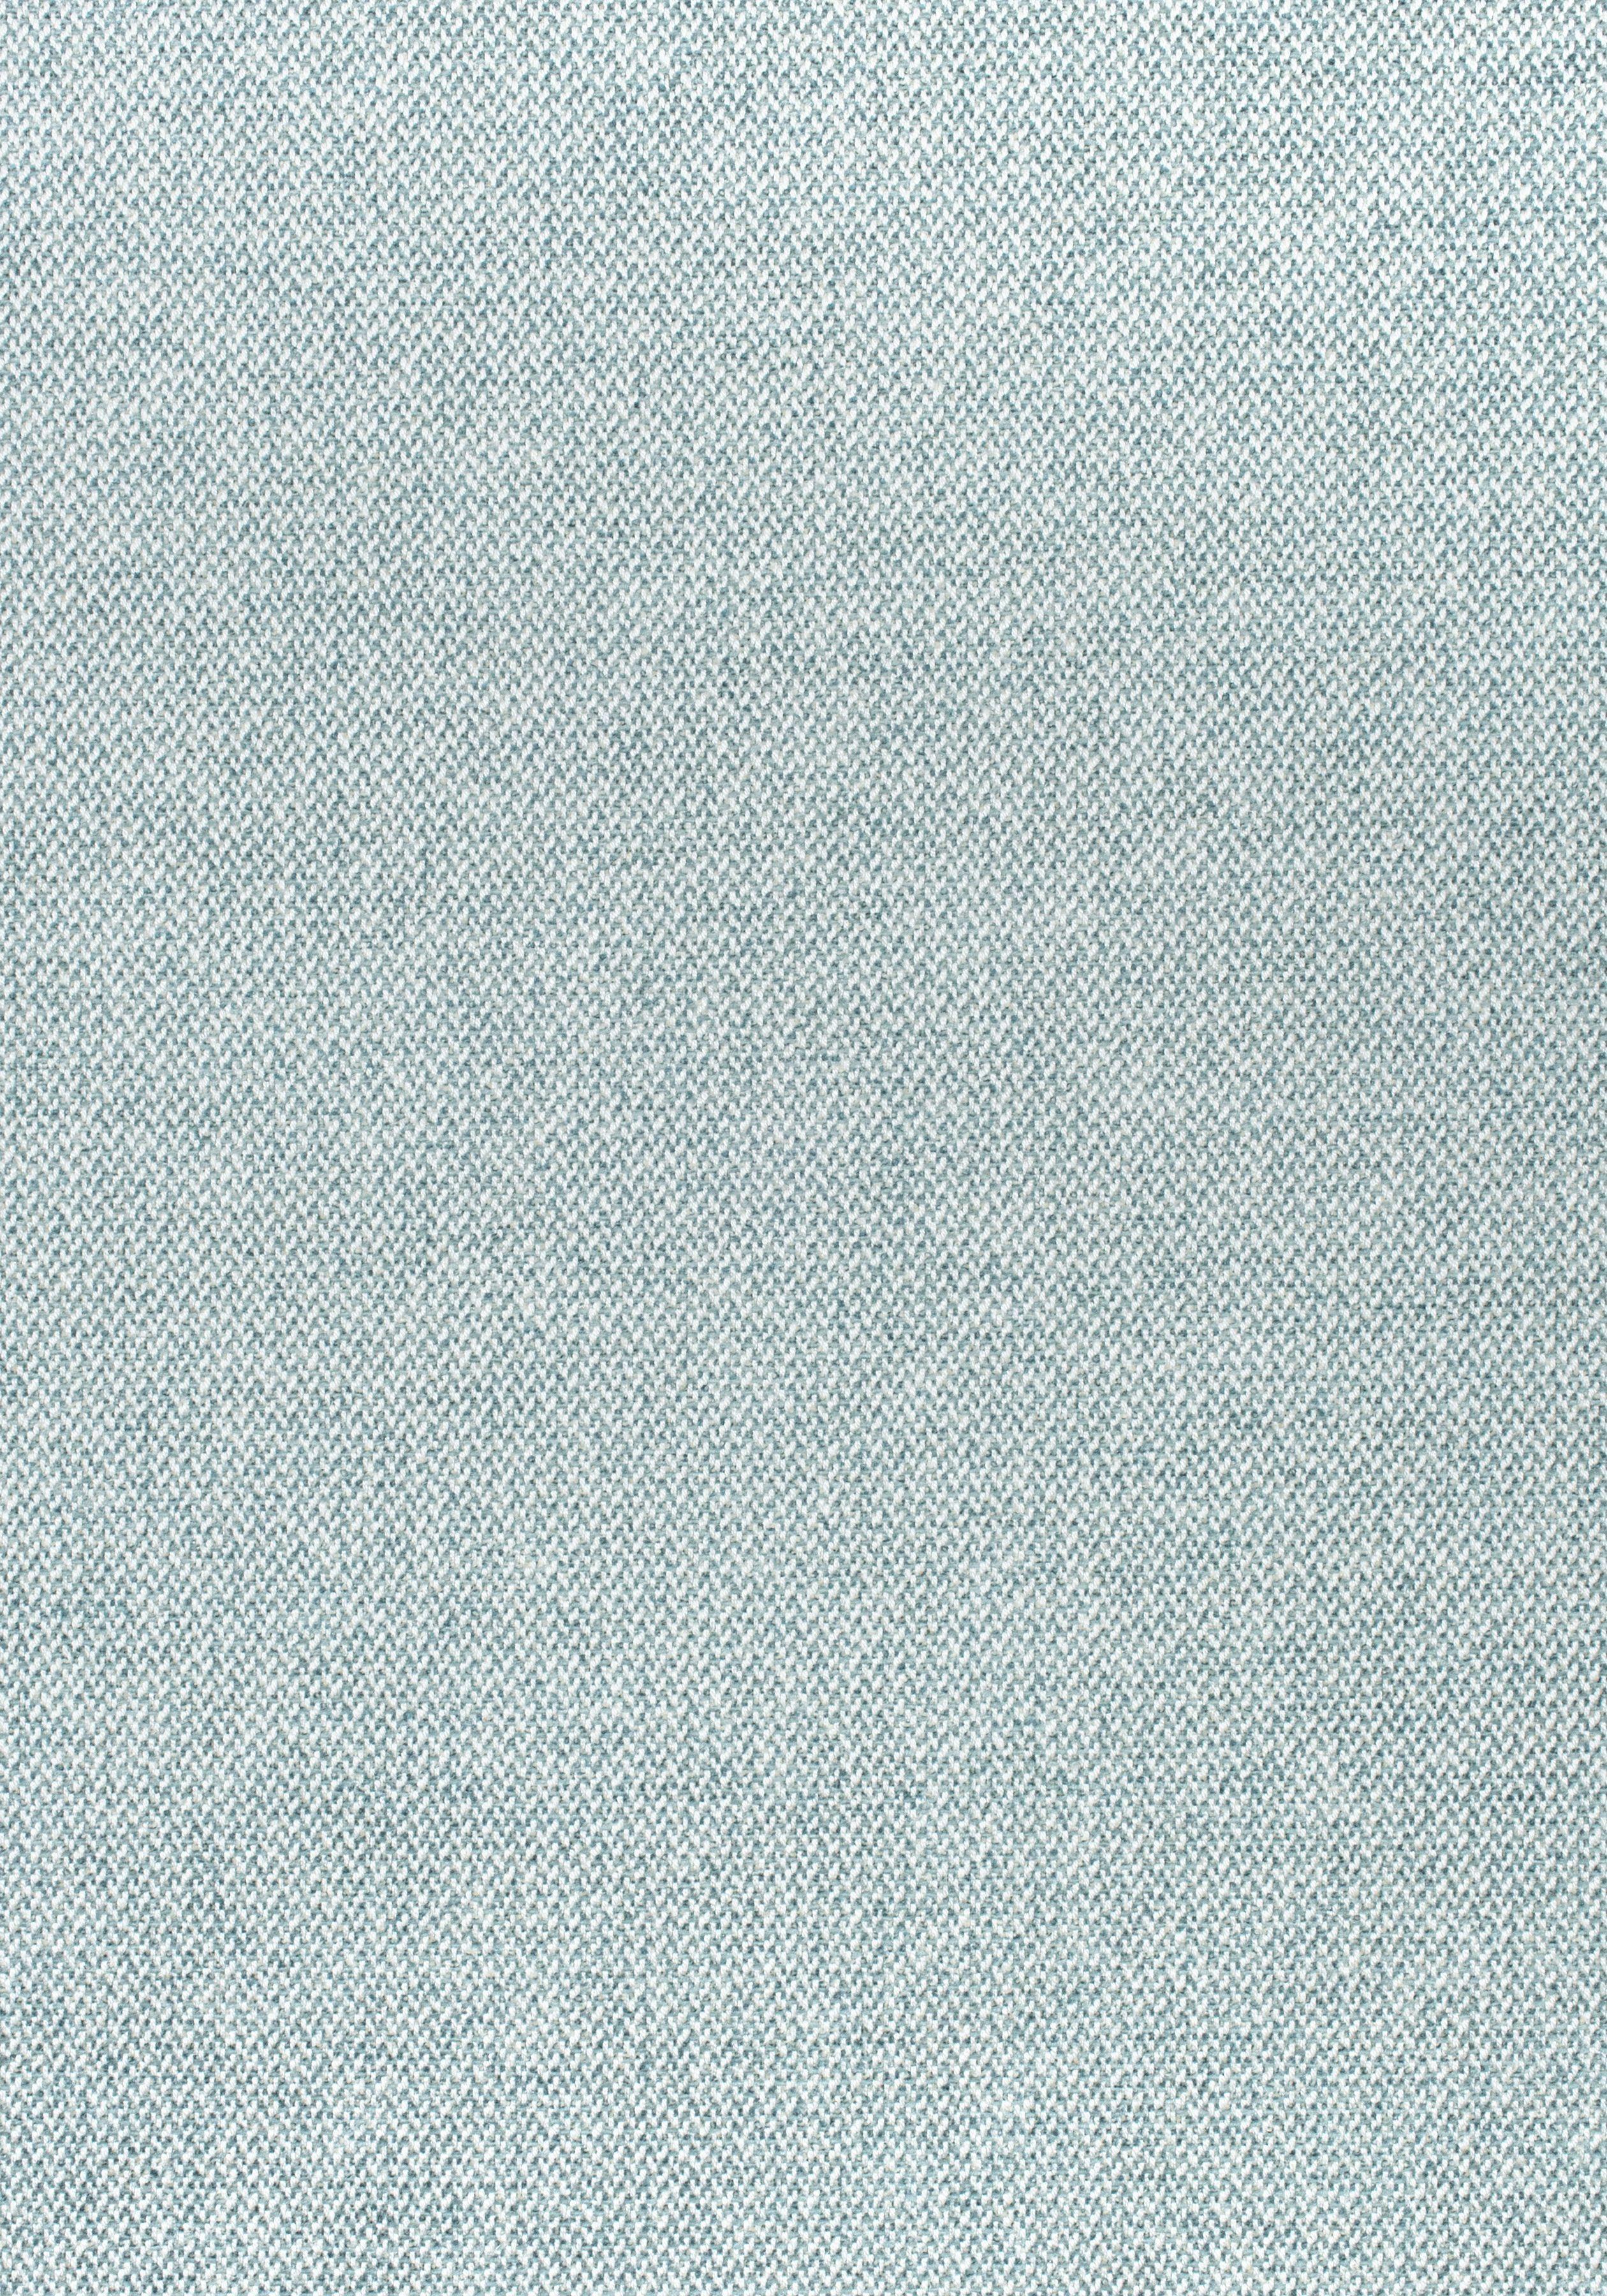 Picco Aqua W80706 Collection Woven Resource 11 Rialto